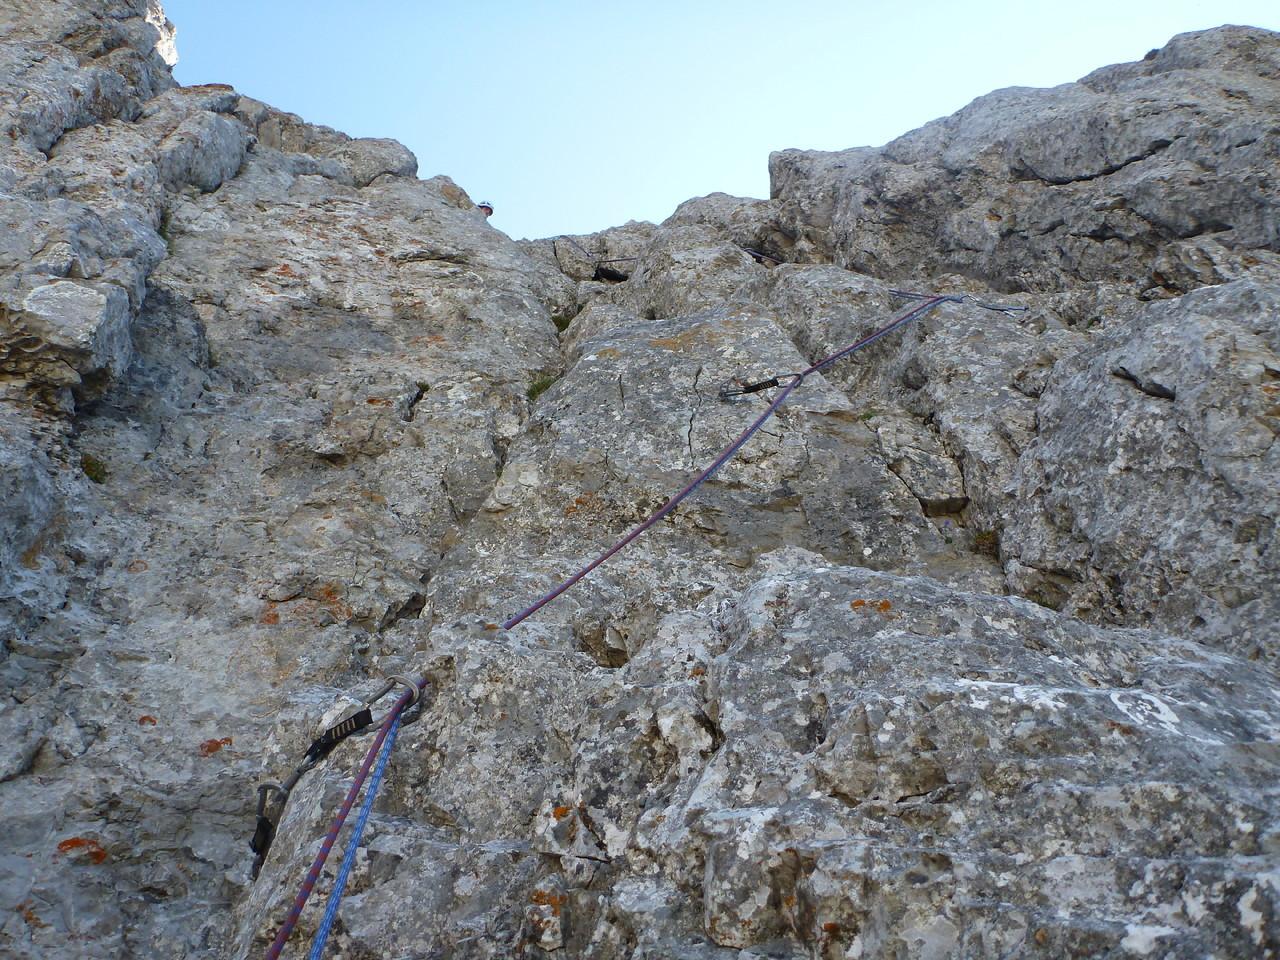 Fotos - Direkte Westwand - Admonter Kalbling - Gesu00e4use - Ennstaler Alpen - Klettern - [GBL]